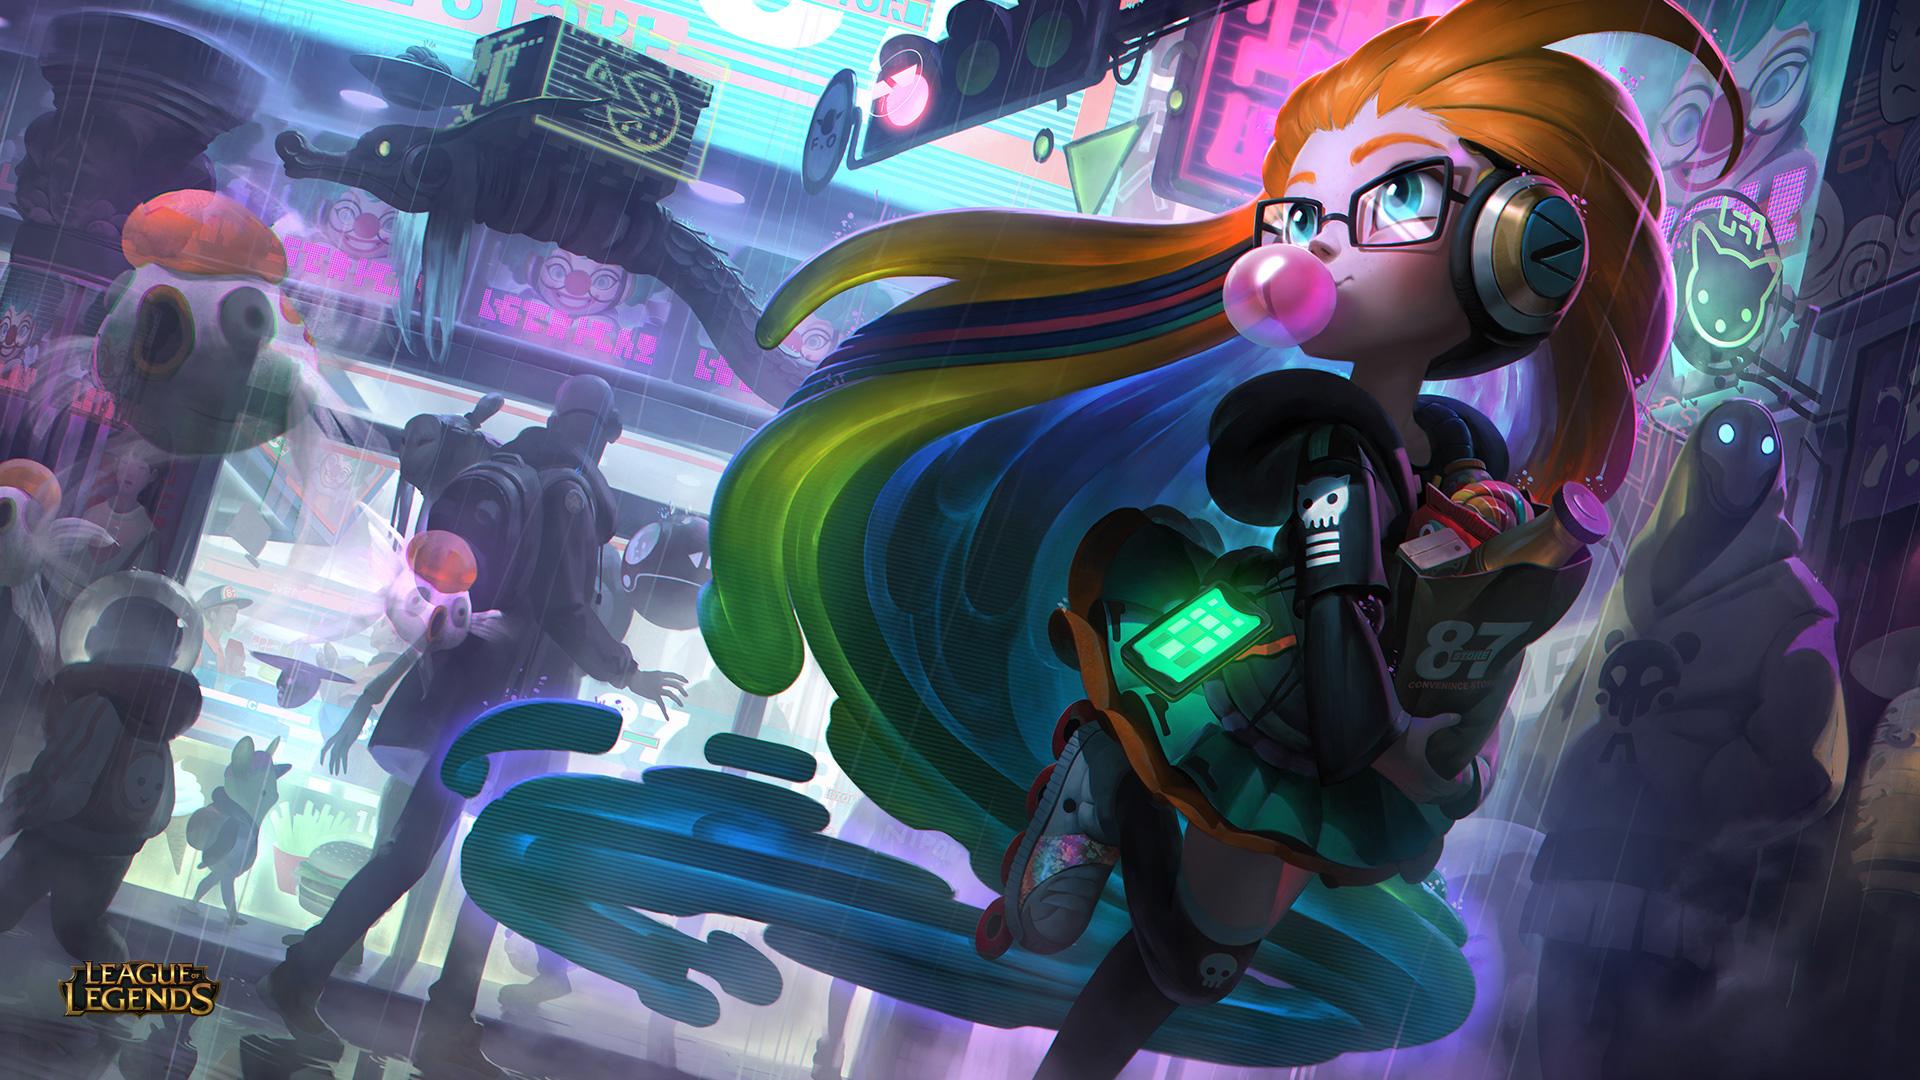 Cyberpop Zoe League Of Legends Hd Games 4k Wallpapers